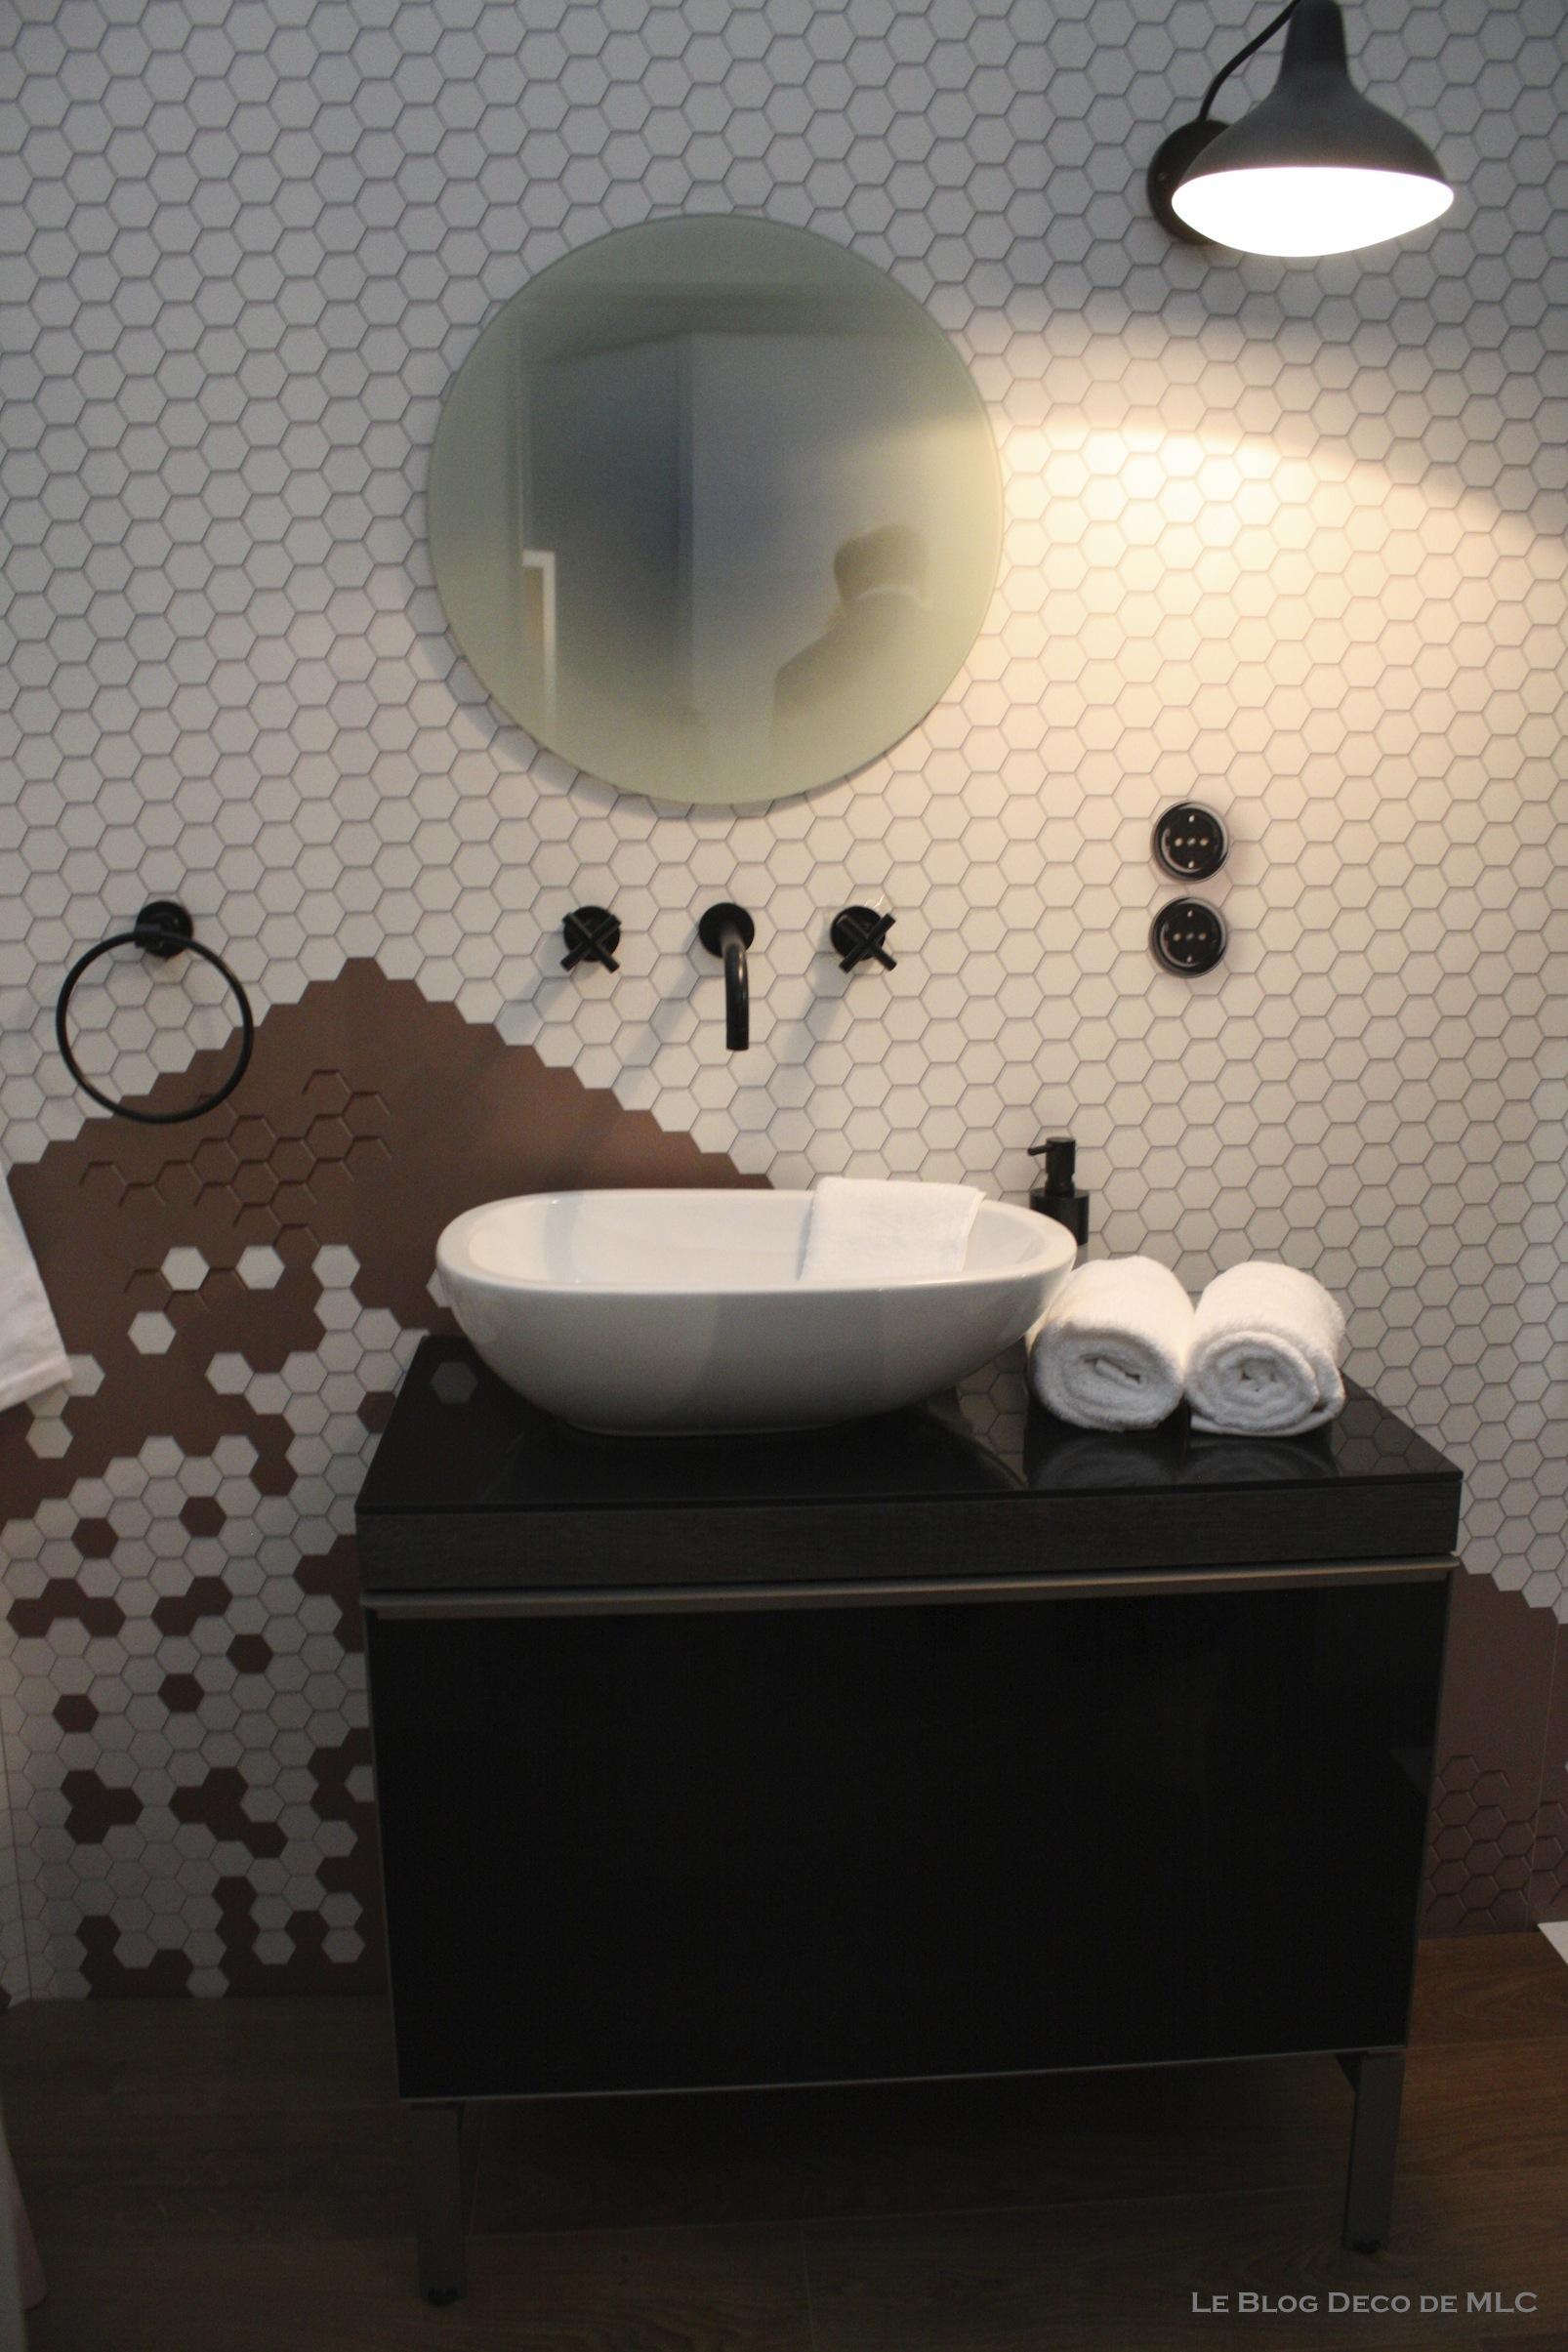 Douche archives le blog d co de mlc for Lavabo noir salle de bain